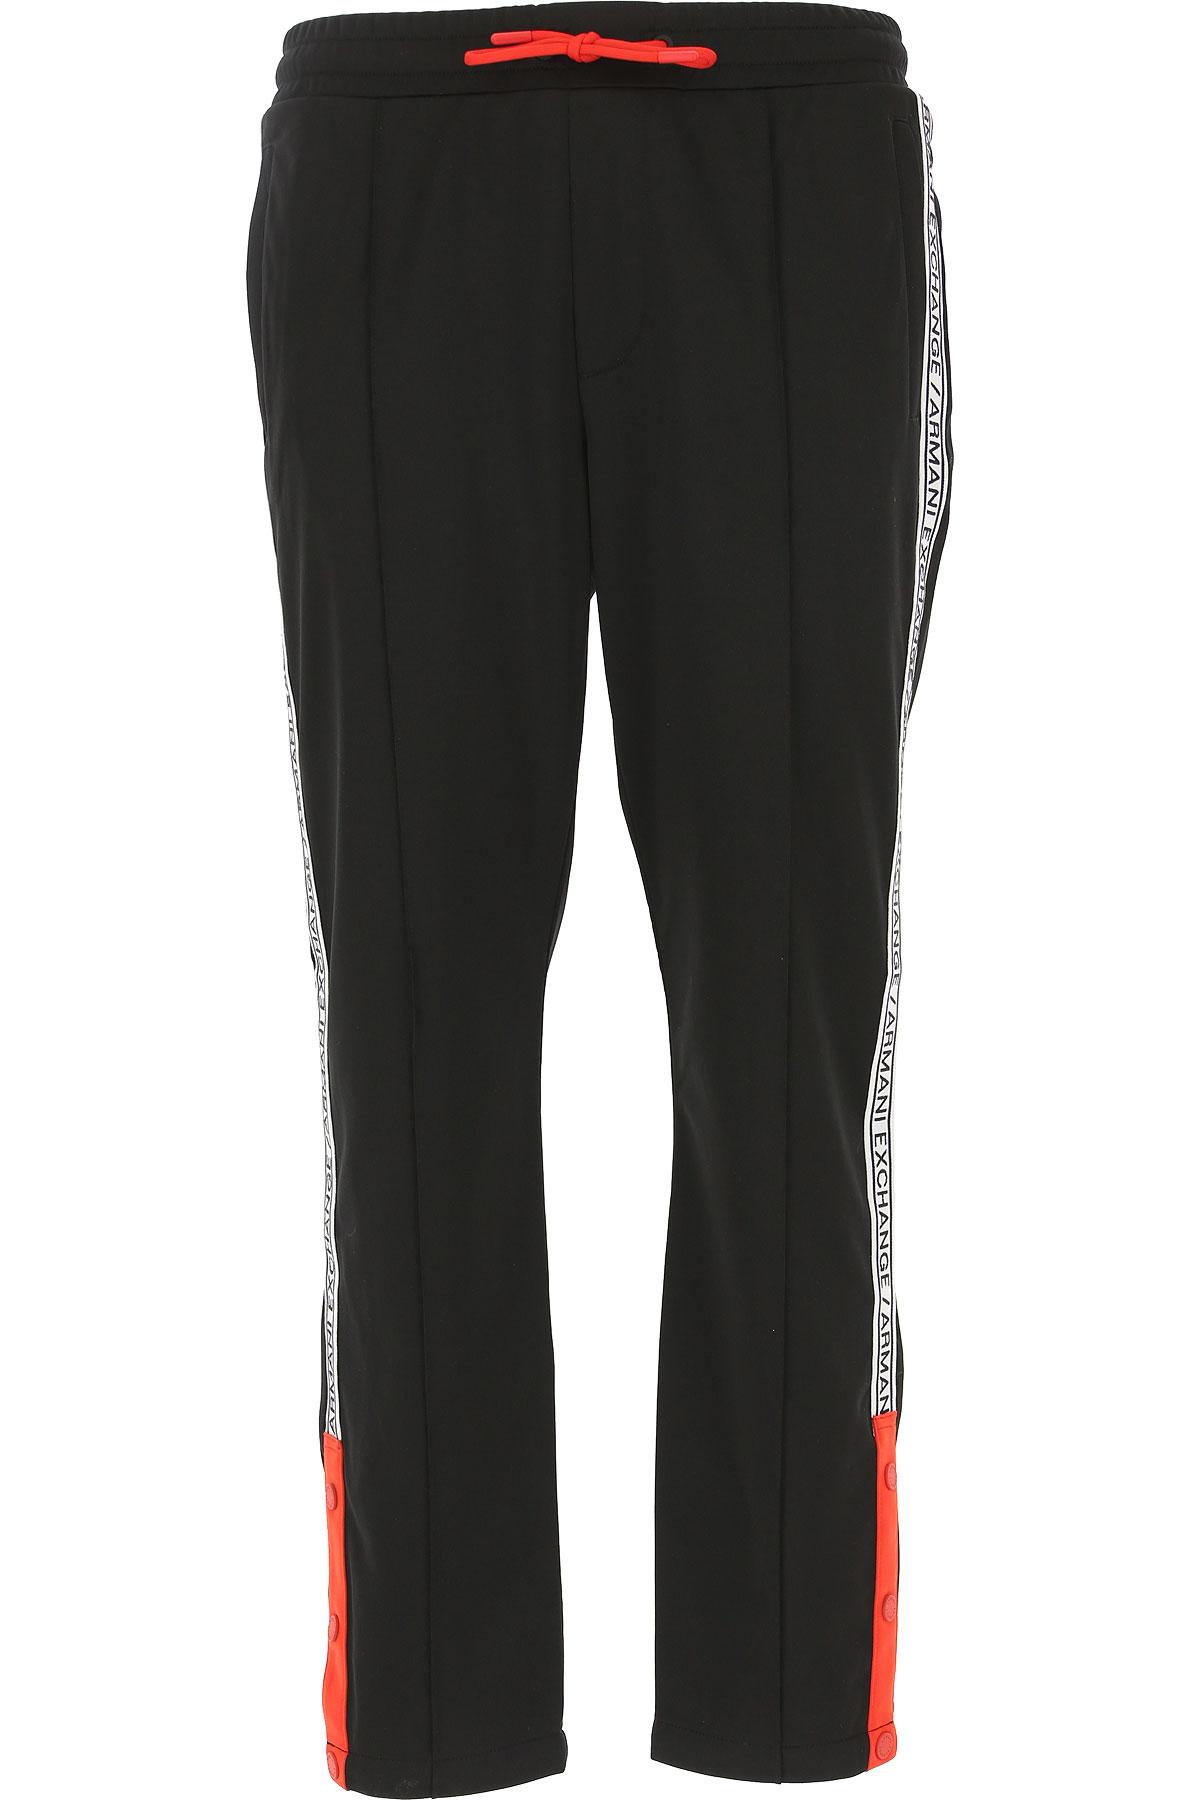 Emporio Armani Vêtement Homme Pour Entraînement De Gym Et Jogging Pas Cher En Soldes, Noir, Polyester, 2019, M S